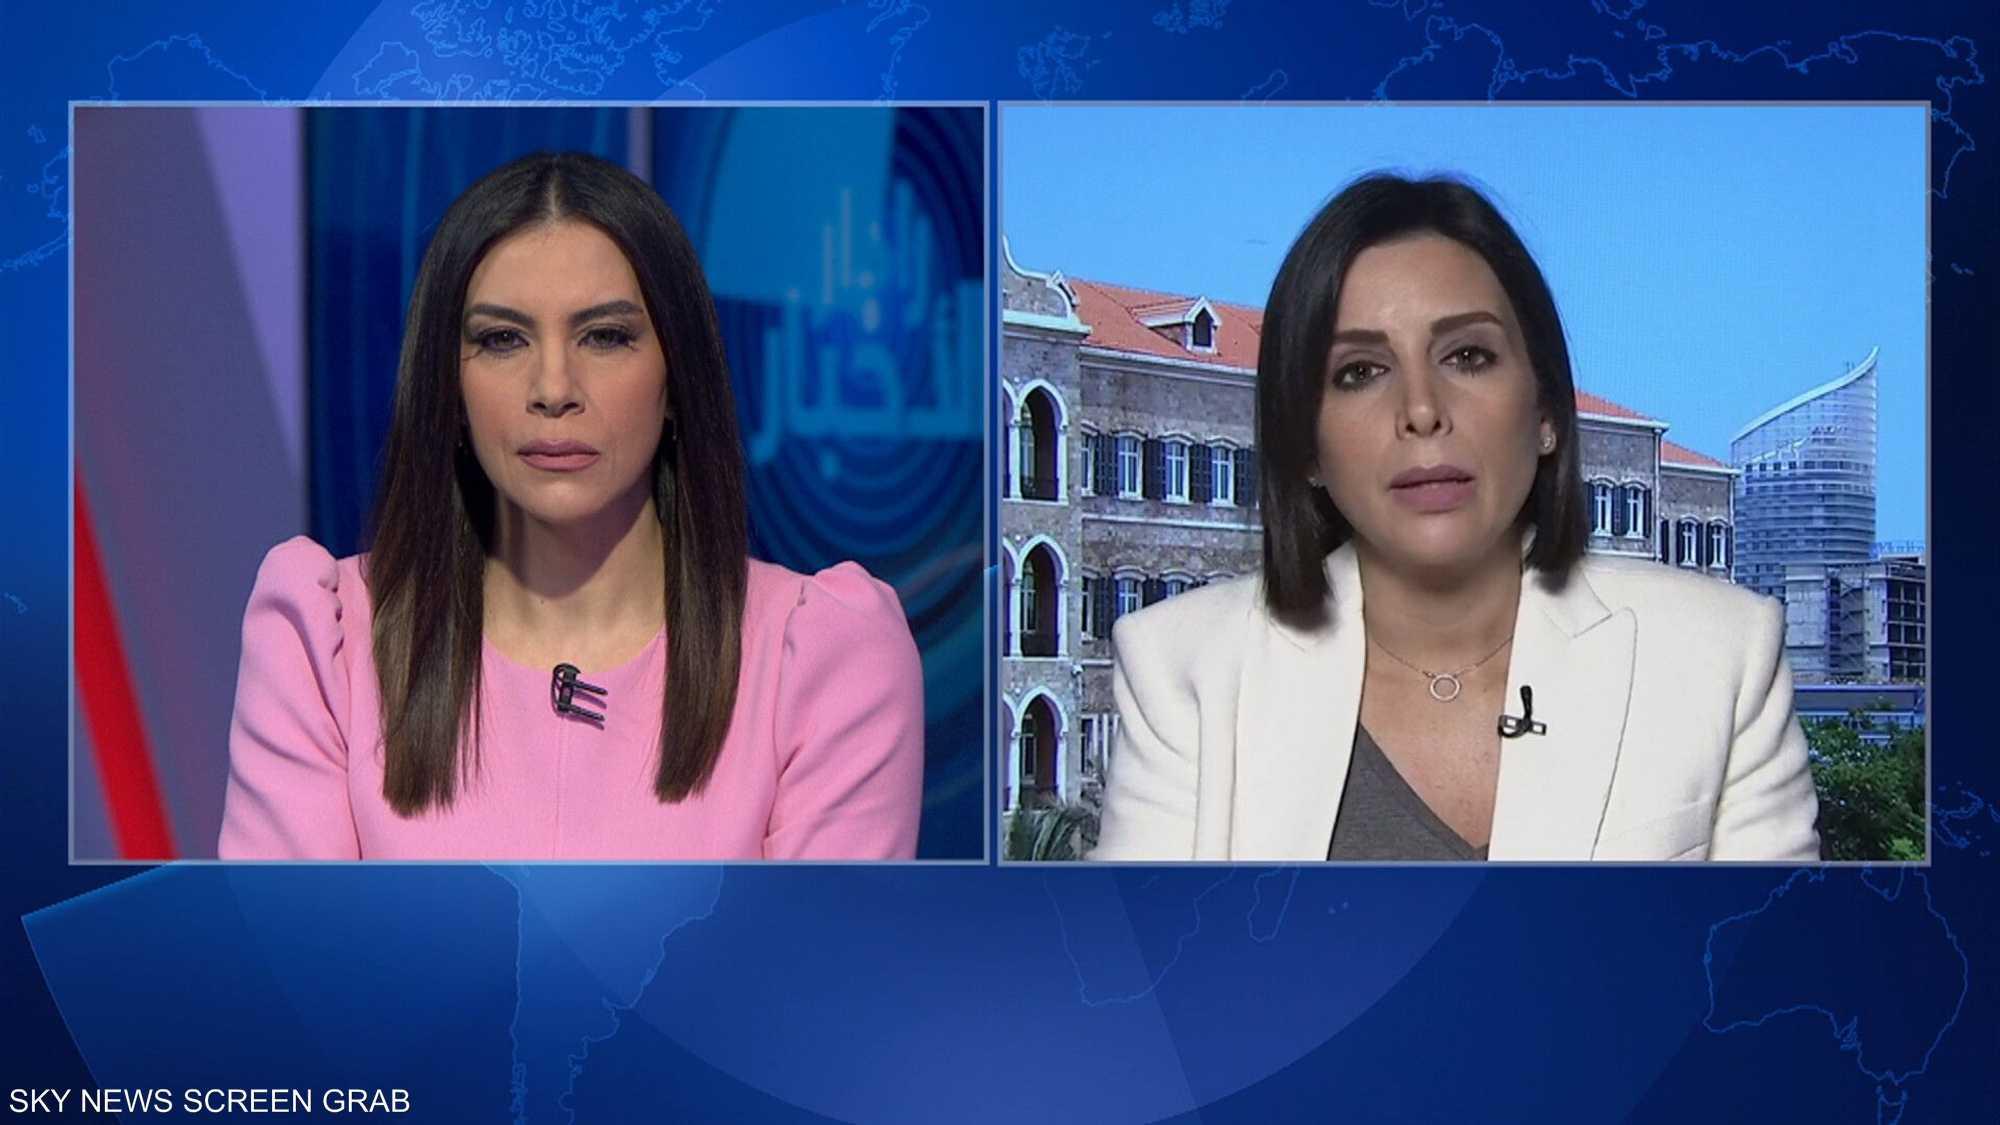 انتقادات واسعة لمسيرة متعلقة بكورونا بالإسكندرية